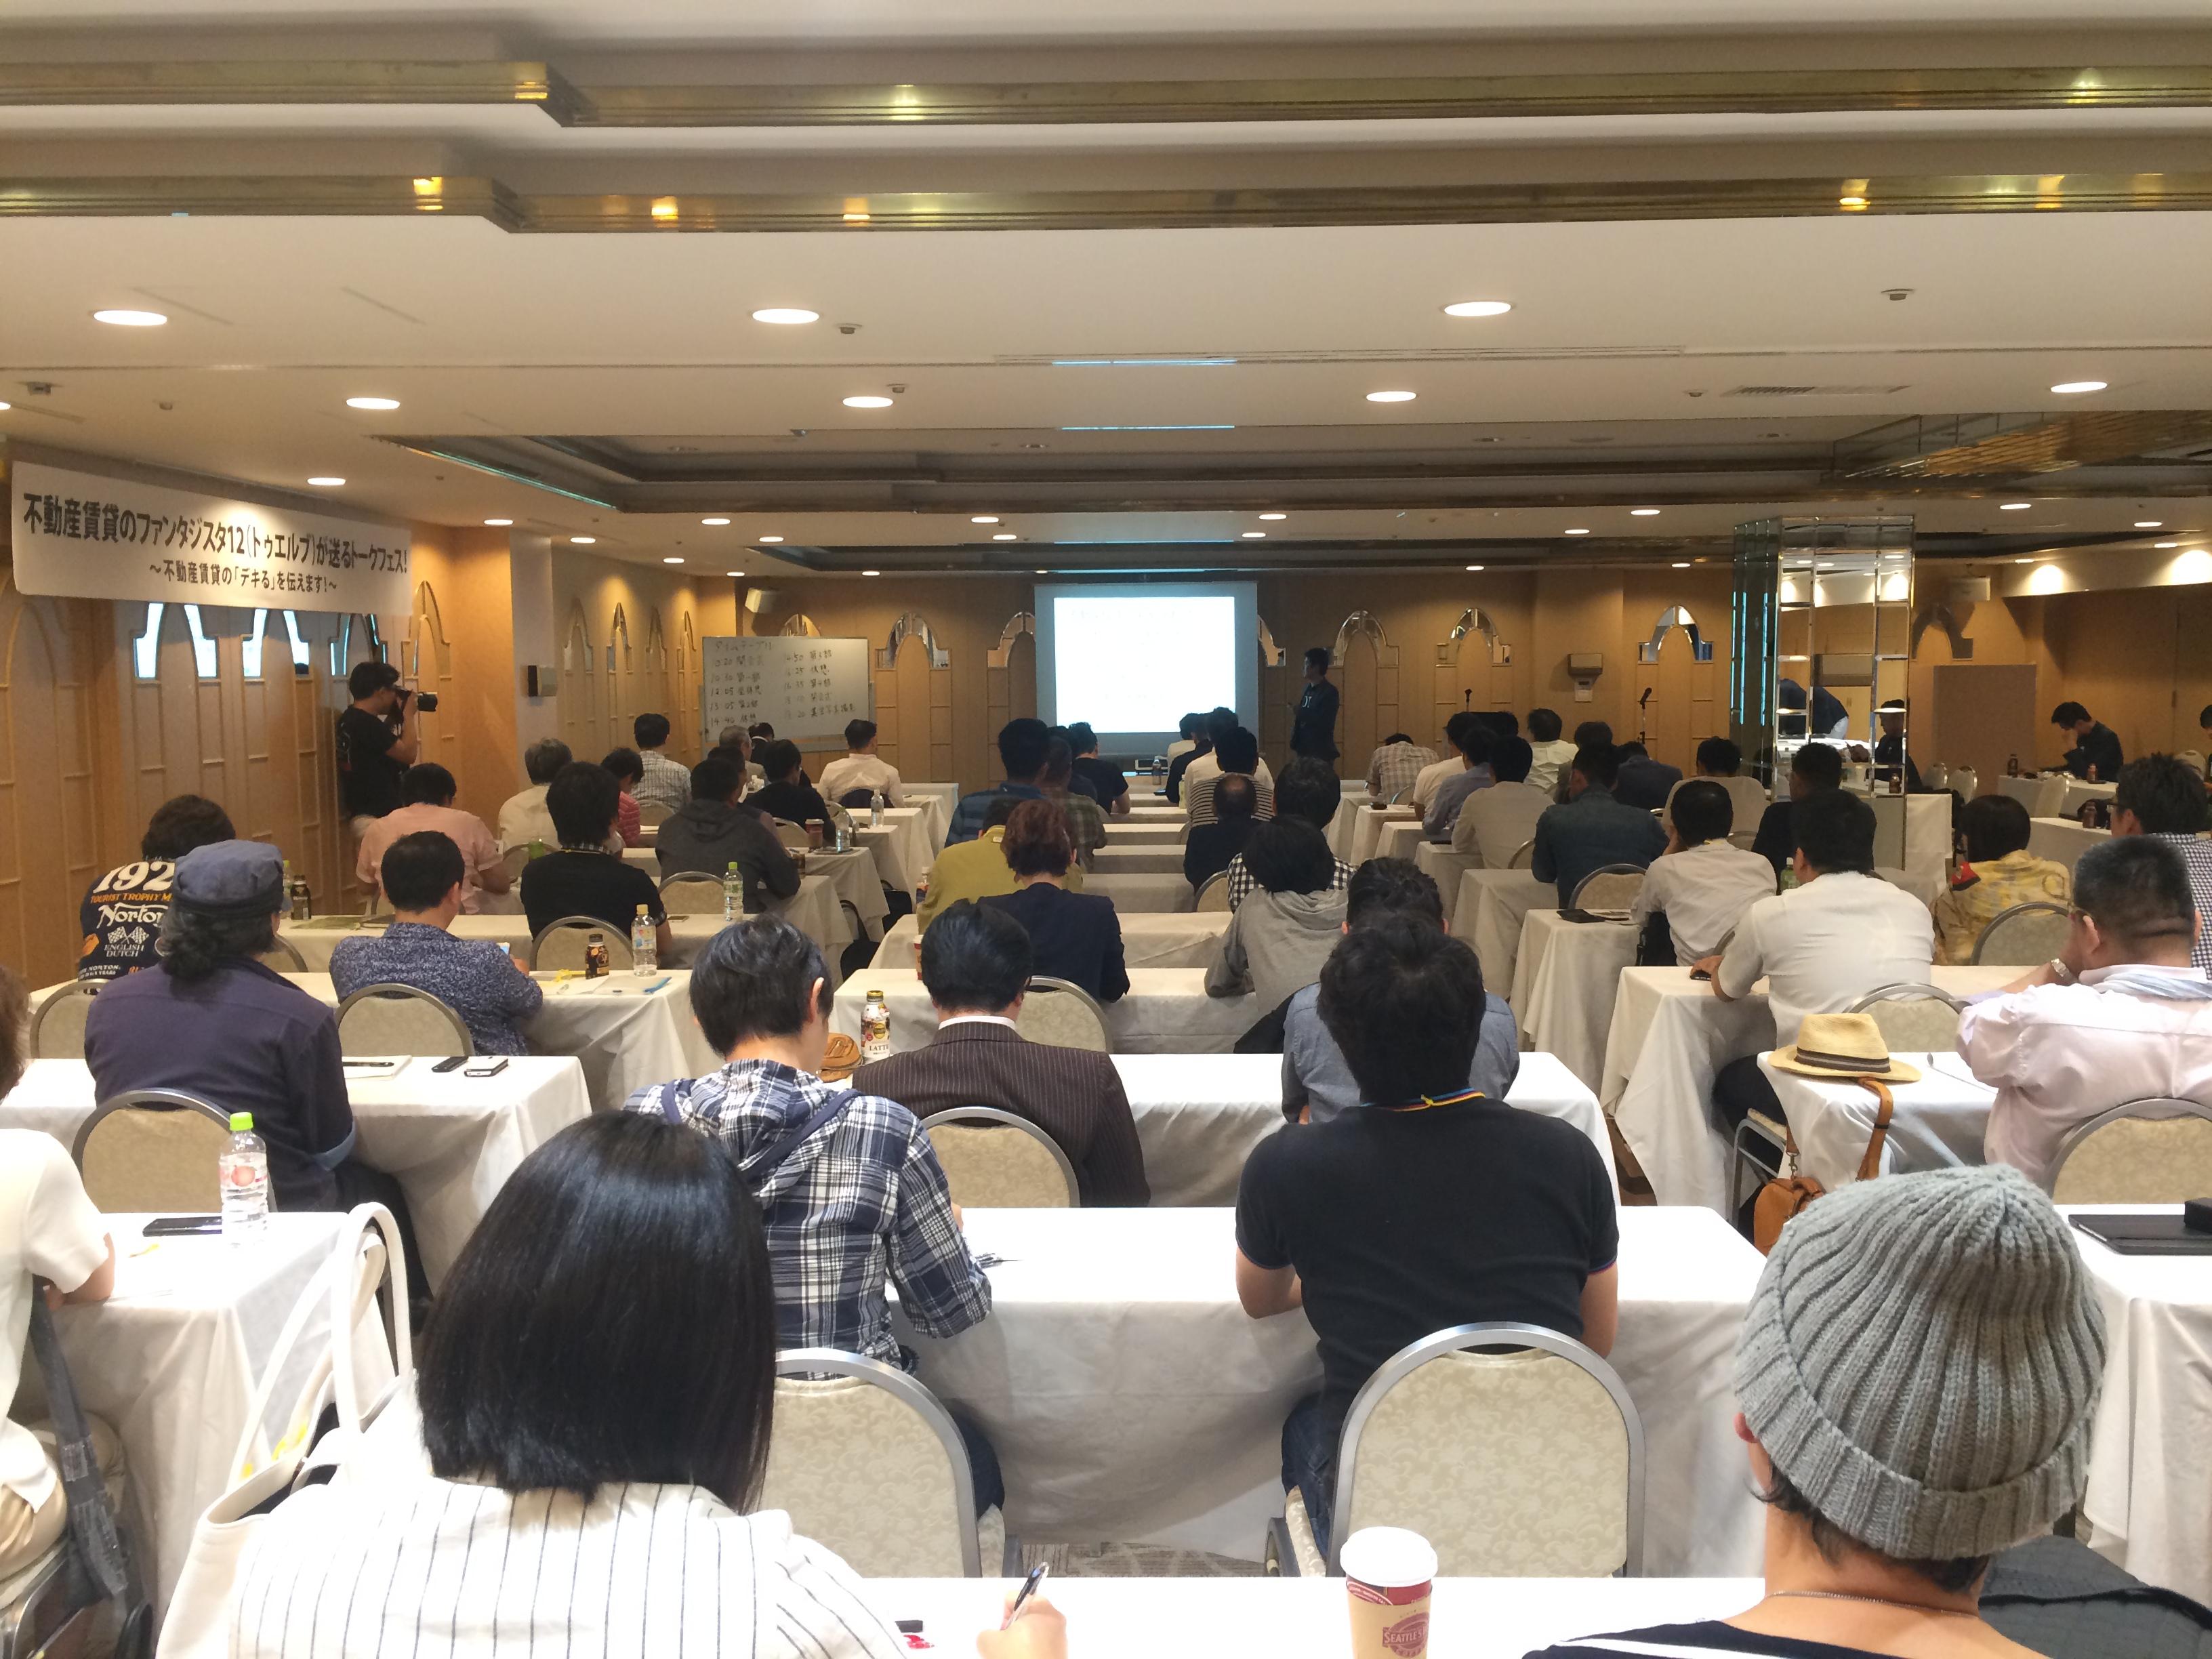 福岡で賃貸経営のデキる!を伝えるトークフェス開催!